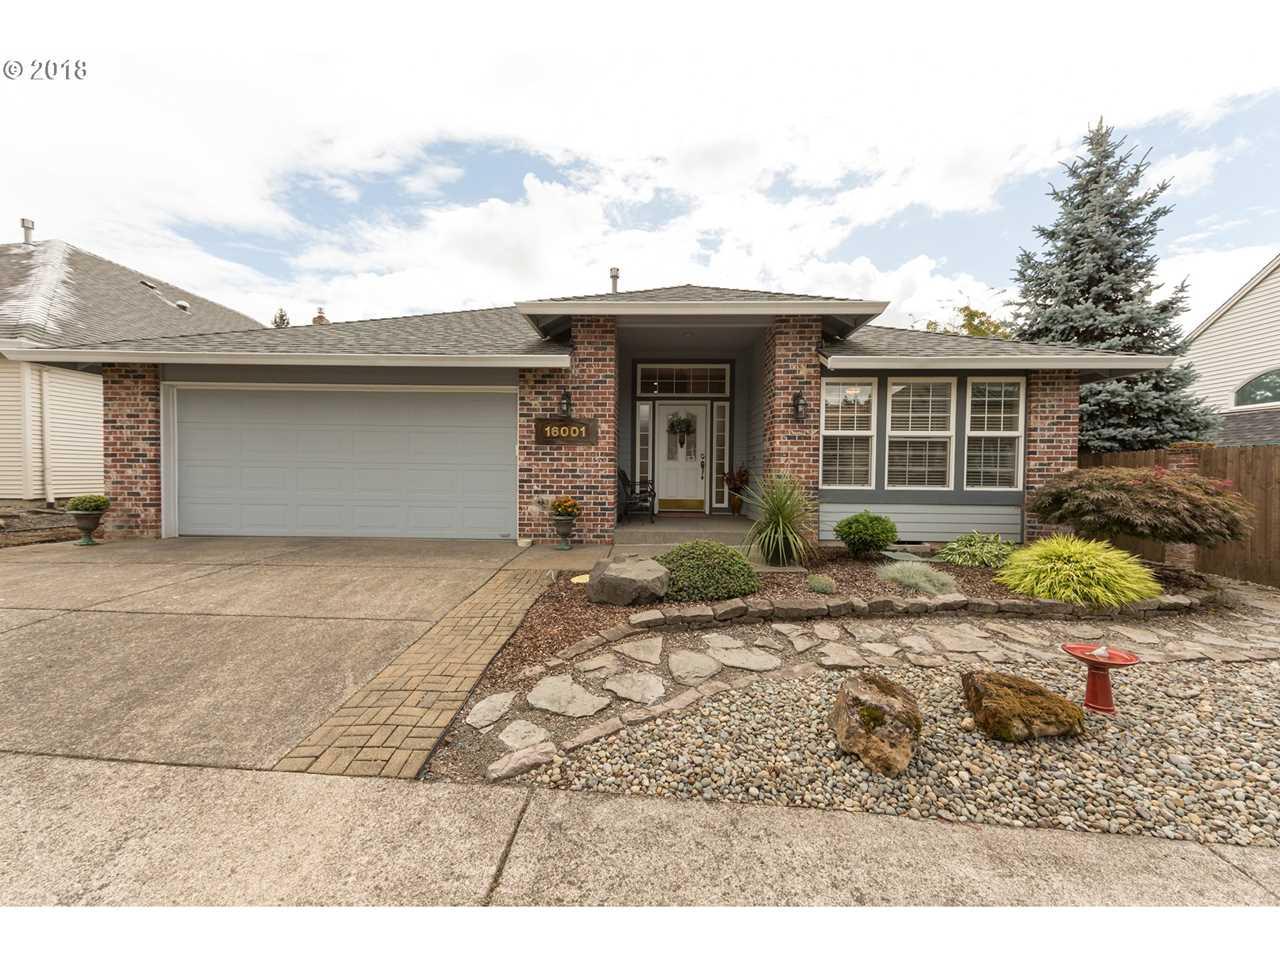 Vancouver Wa Home For Sale 16001 Se 31st Cir Vancouver